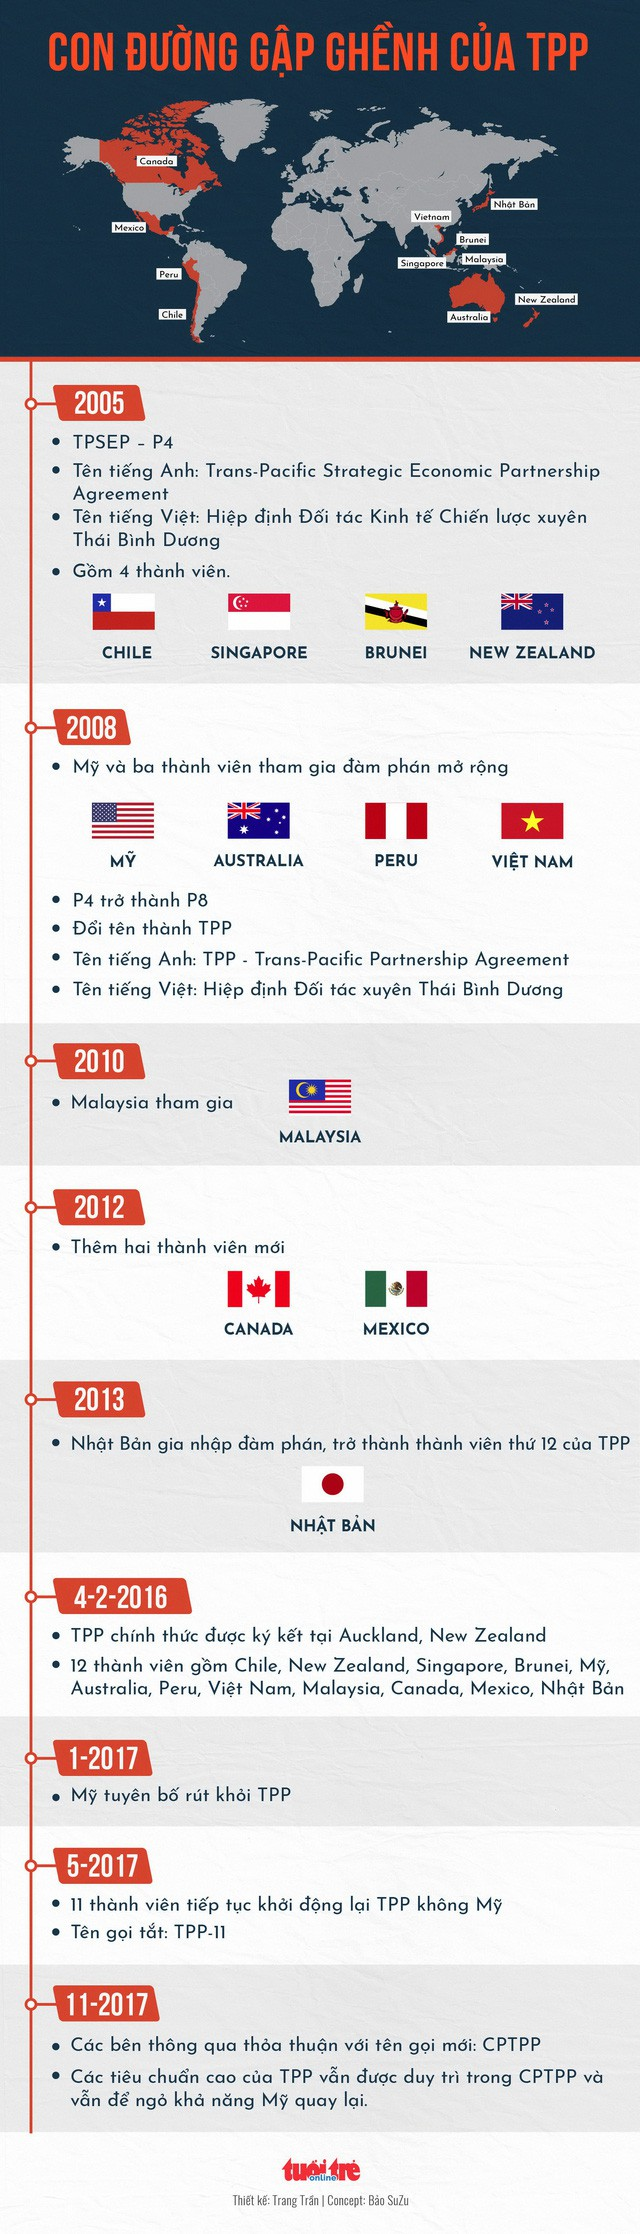 Tháo gỡ căng thẳng công đoàn, tháng 3 Việt Nam sẽ ký TPP-11 - Ảnh 2.